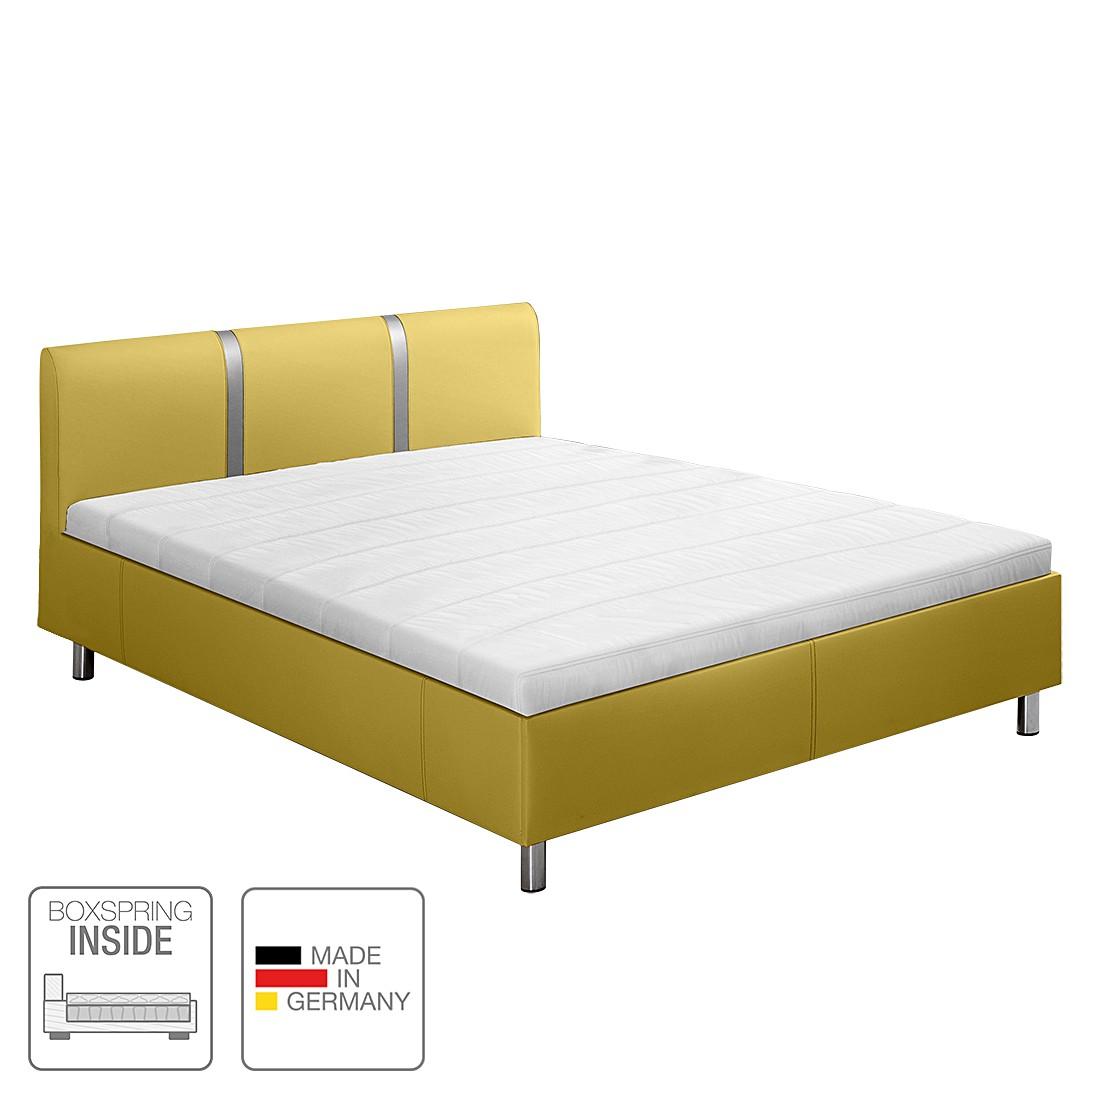 boxspring inside bett victoria kunstleder 180 x 200cm h3 ab 80 kg. Black Bedroom Furniture Sets. Home Design Ideas